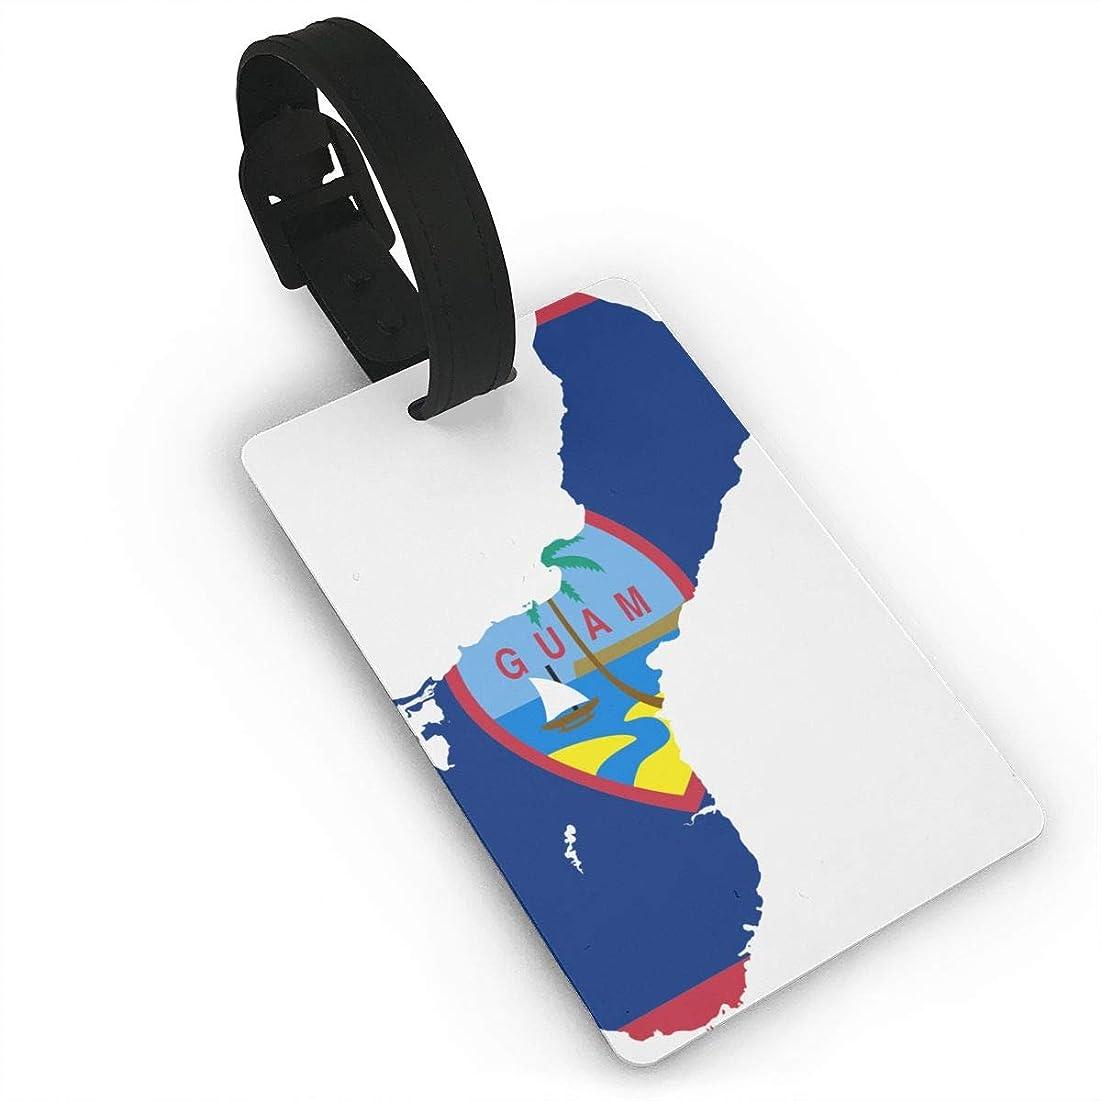 パーツ選挙増幅グアムの国旗地図 ラゲージタグ 旅行荷物タグ 便利グッズ PVC 出張用タグ 番号札 旅行用品 紛失防止 軽量 カバン装飾 便利